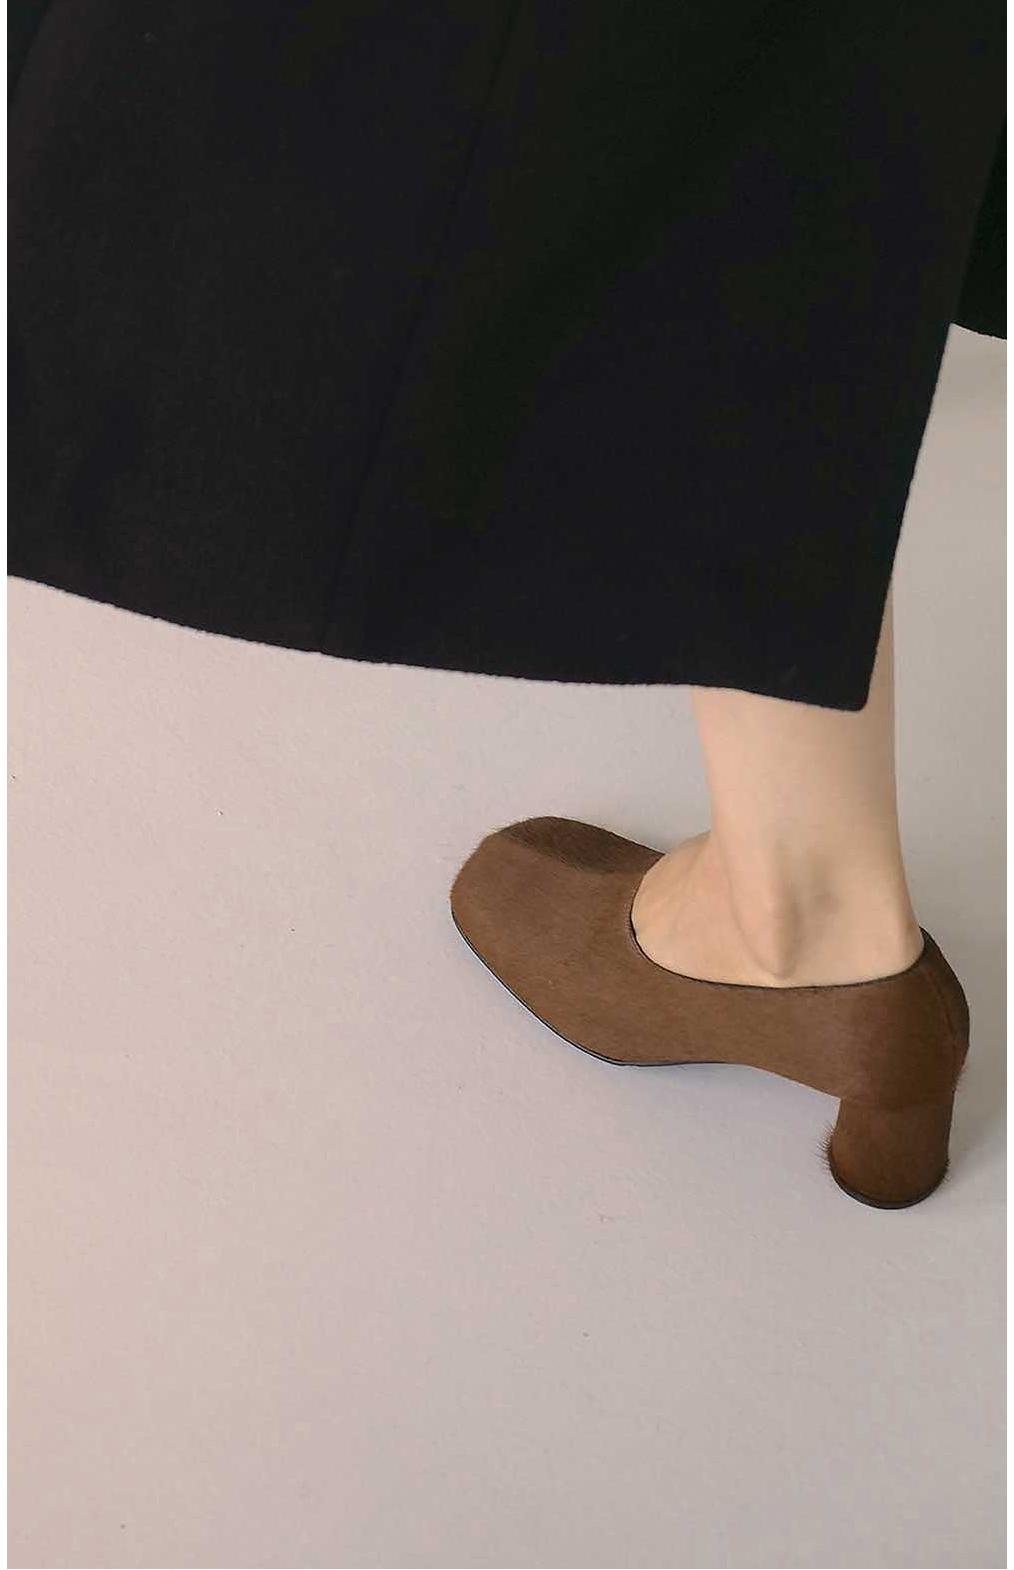 신발 상품 이미지-S3L7